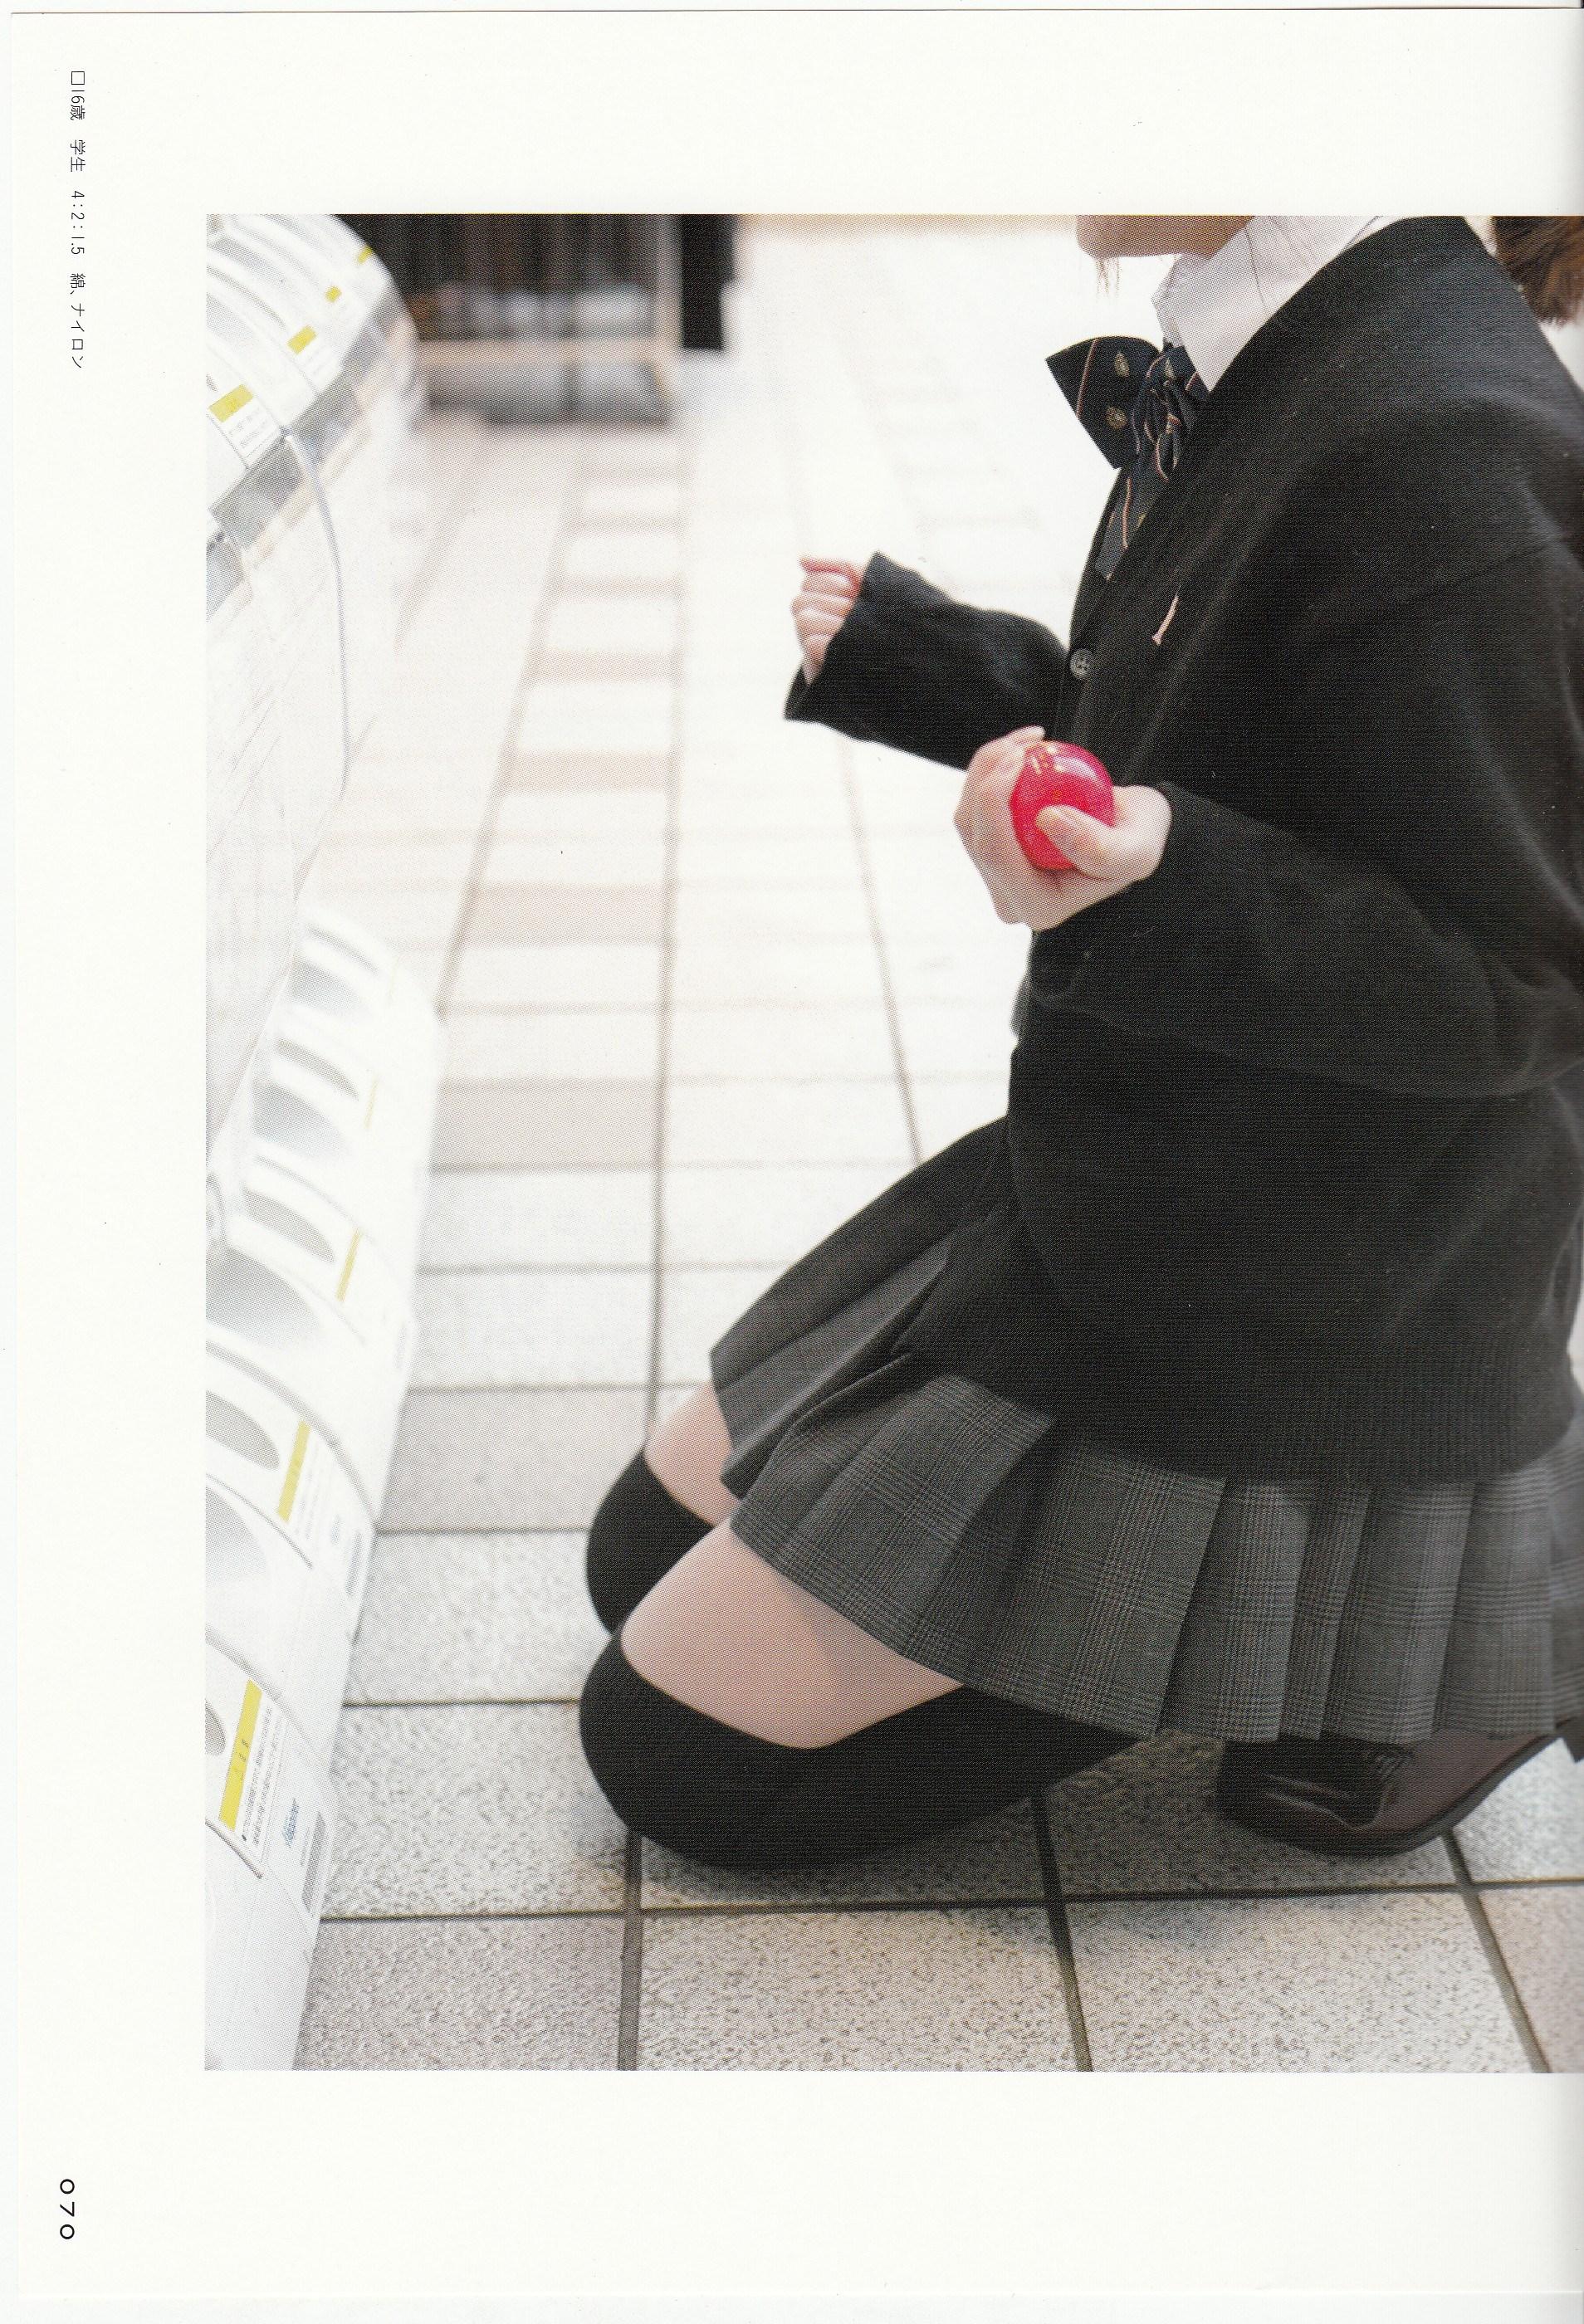 【兔玩映画】新鲜的美少女大腿 兔玩映画 第47张